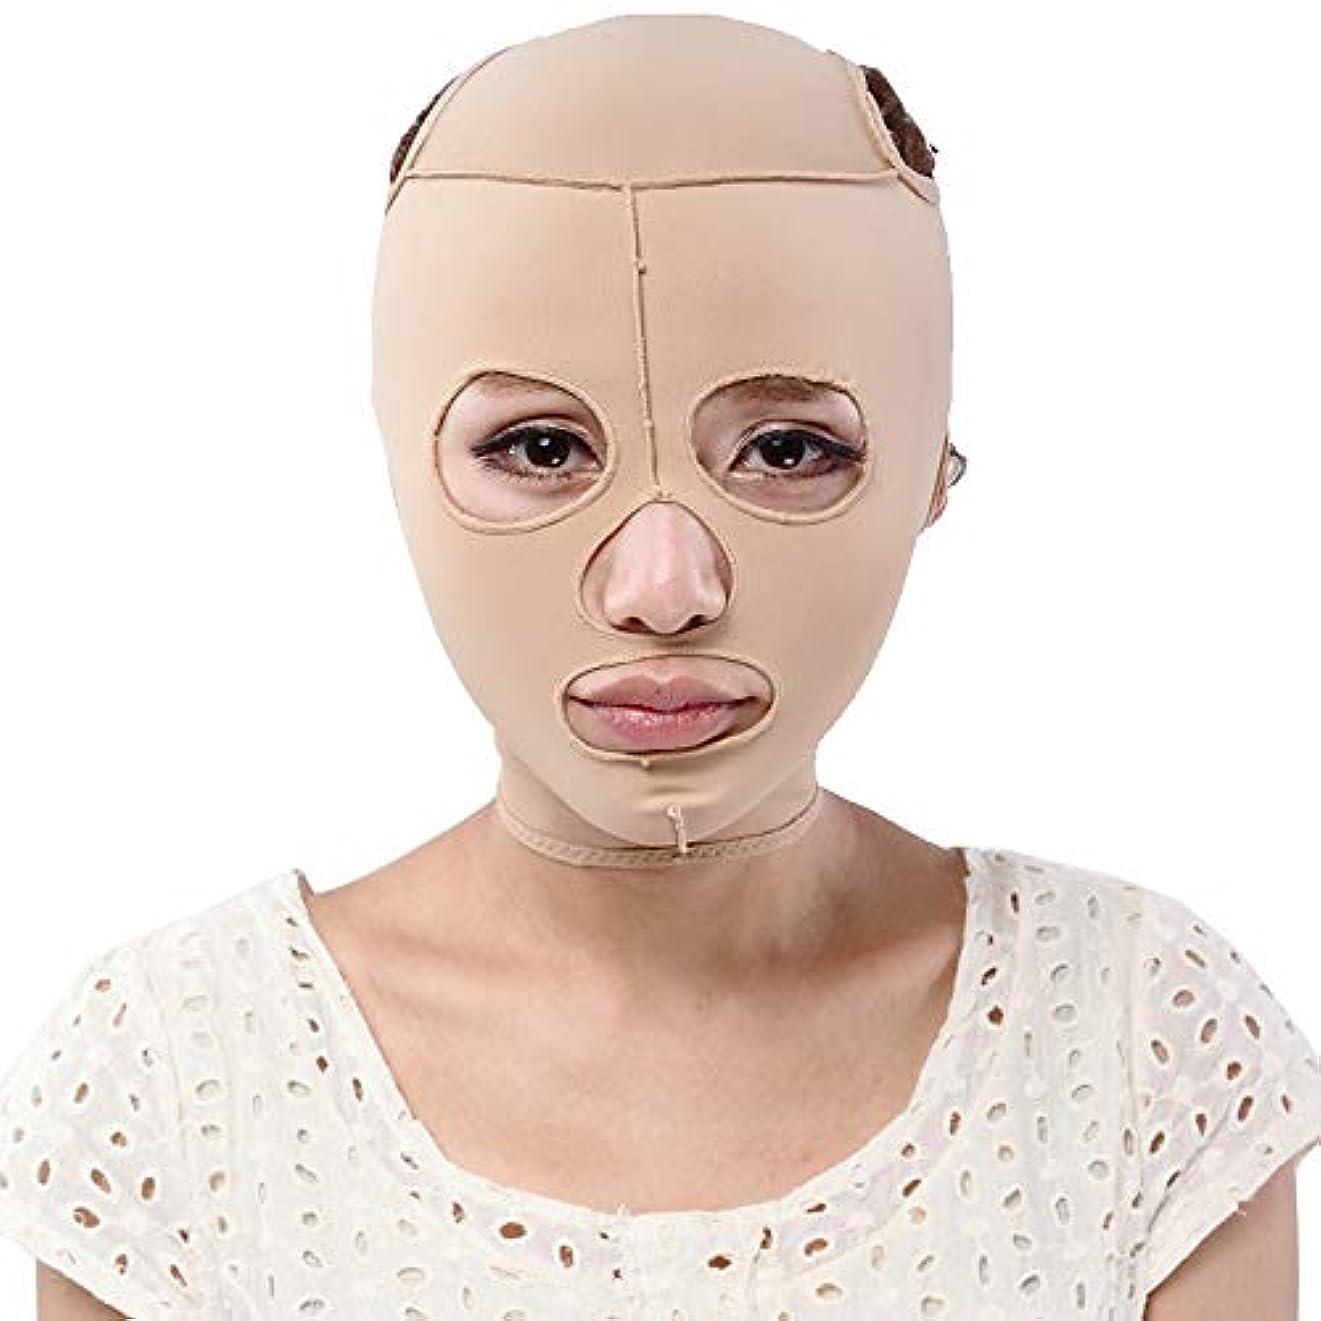 履歴書ピラミッドインカ帝国睡眠薄い顔の包帯、ダブル顎の顔を持ち上げる小物V顔マスクタイプリフティングフェイシャル,S